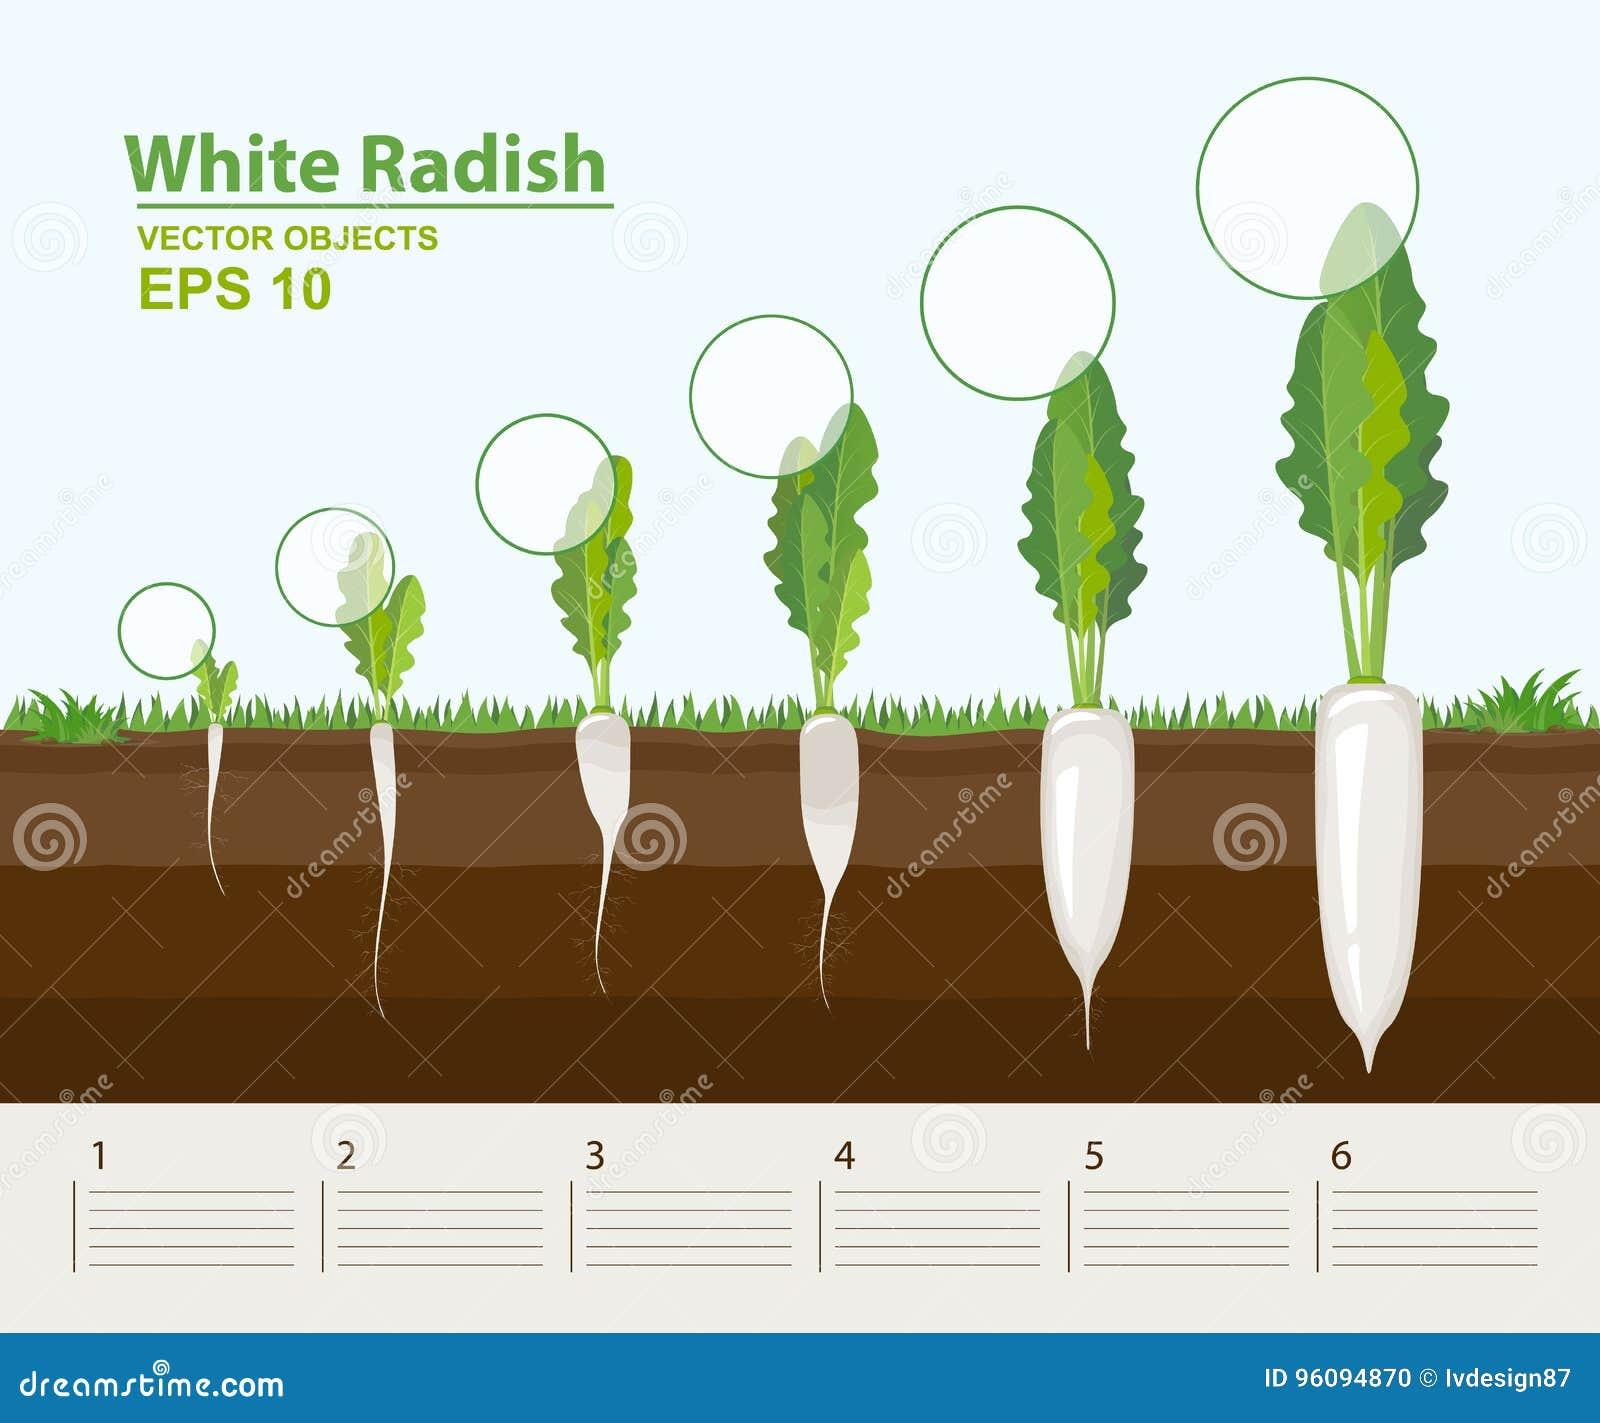 επίσης corel σύρετε το διάνυσμα απεικόνισης Φάσεις αύξησης ενός άσπρου ραδικιού στον κήπο Αύξηση, εξέλιξη και παραγωγικότητα του